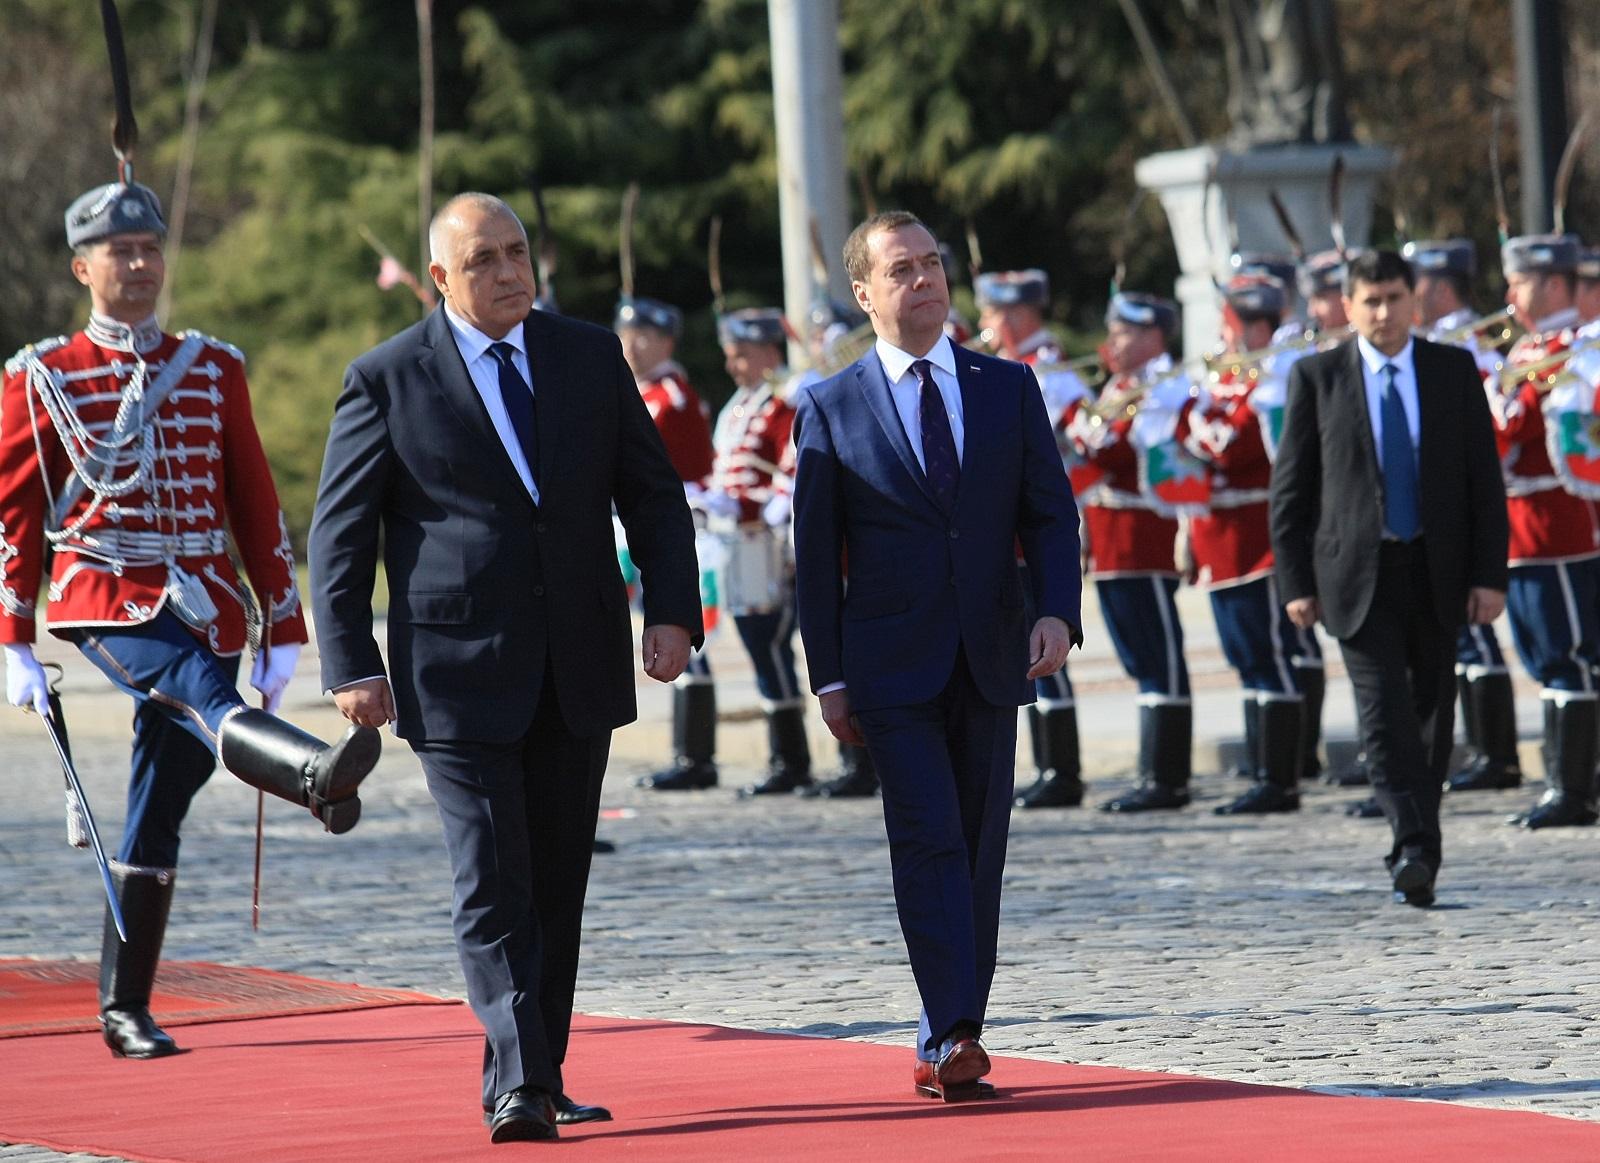 """Пред храм """"Св. Александър Невски"""" се проведе церемония по посрещане на председателя на Руската федерация Дмитрий Медведев. Той е у нас по покана на премиера Бойко Борисов."""